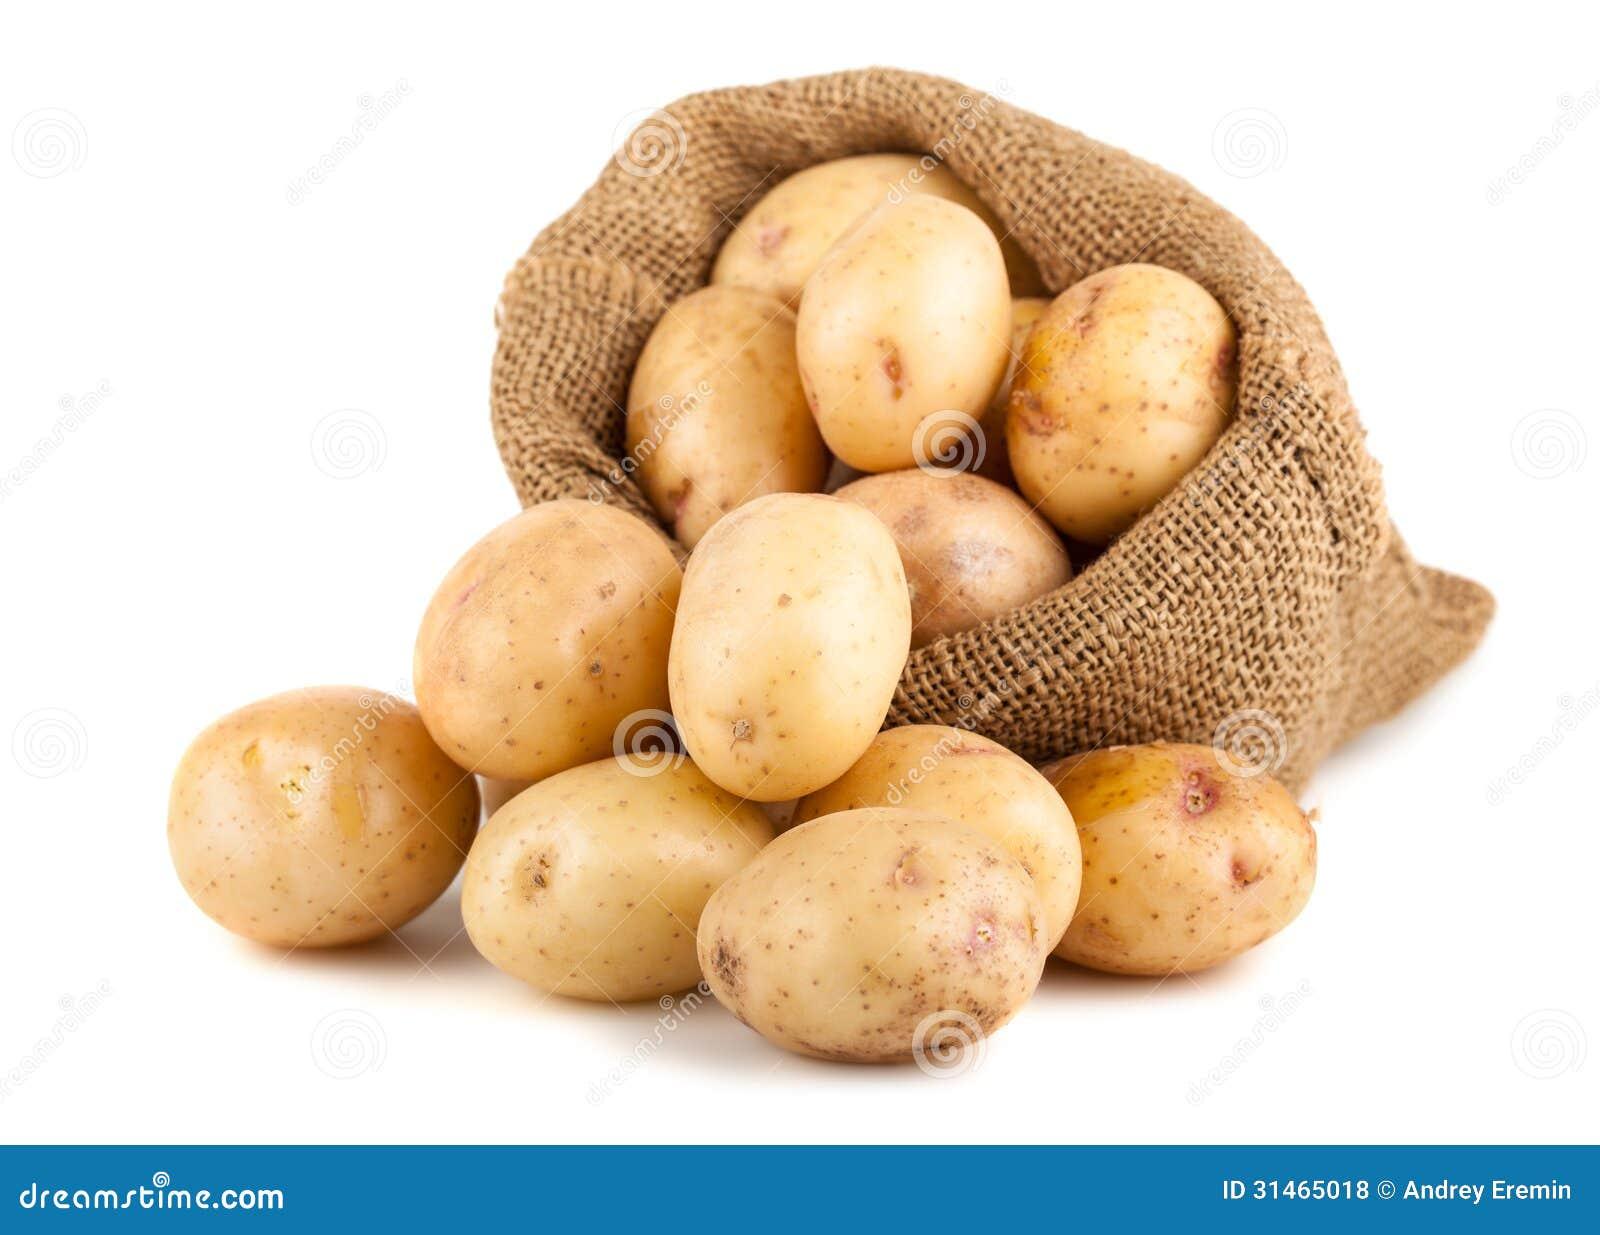 在粗麻布袋的成熟土豆 免版税库存照片 - 图片图片